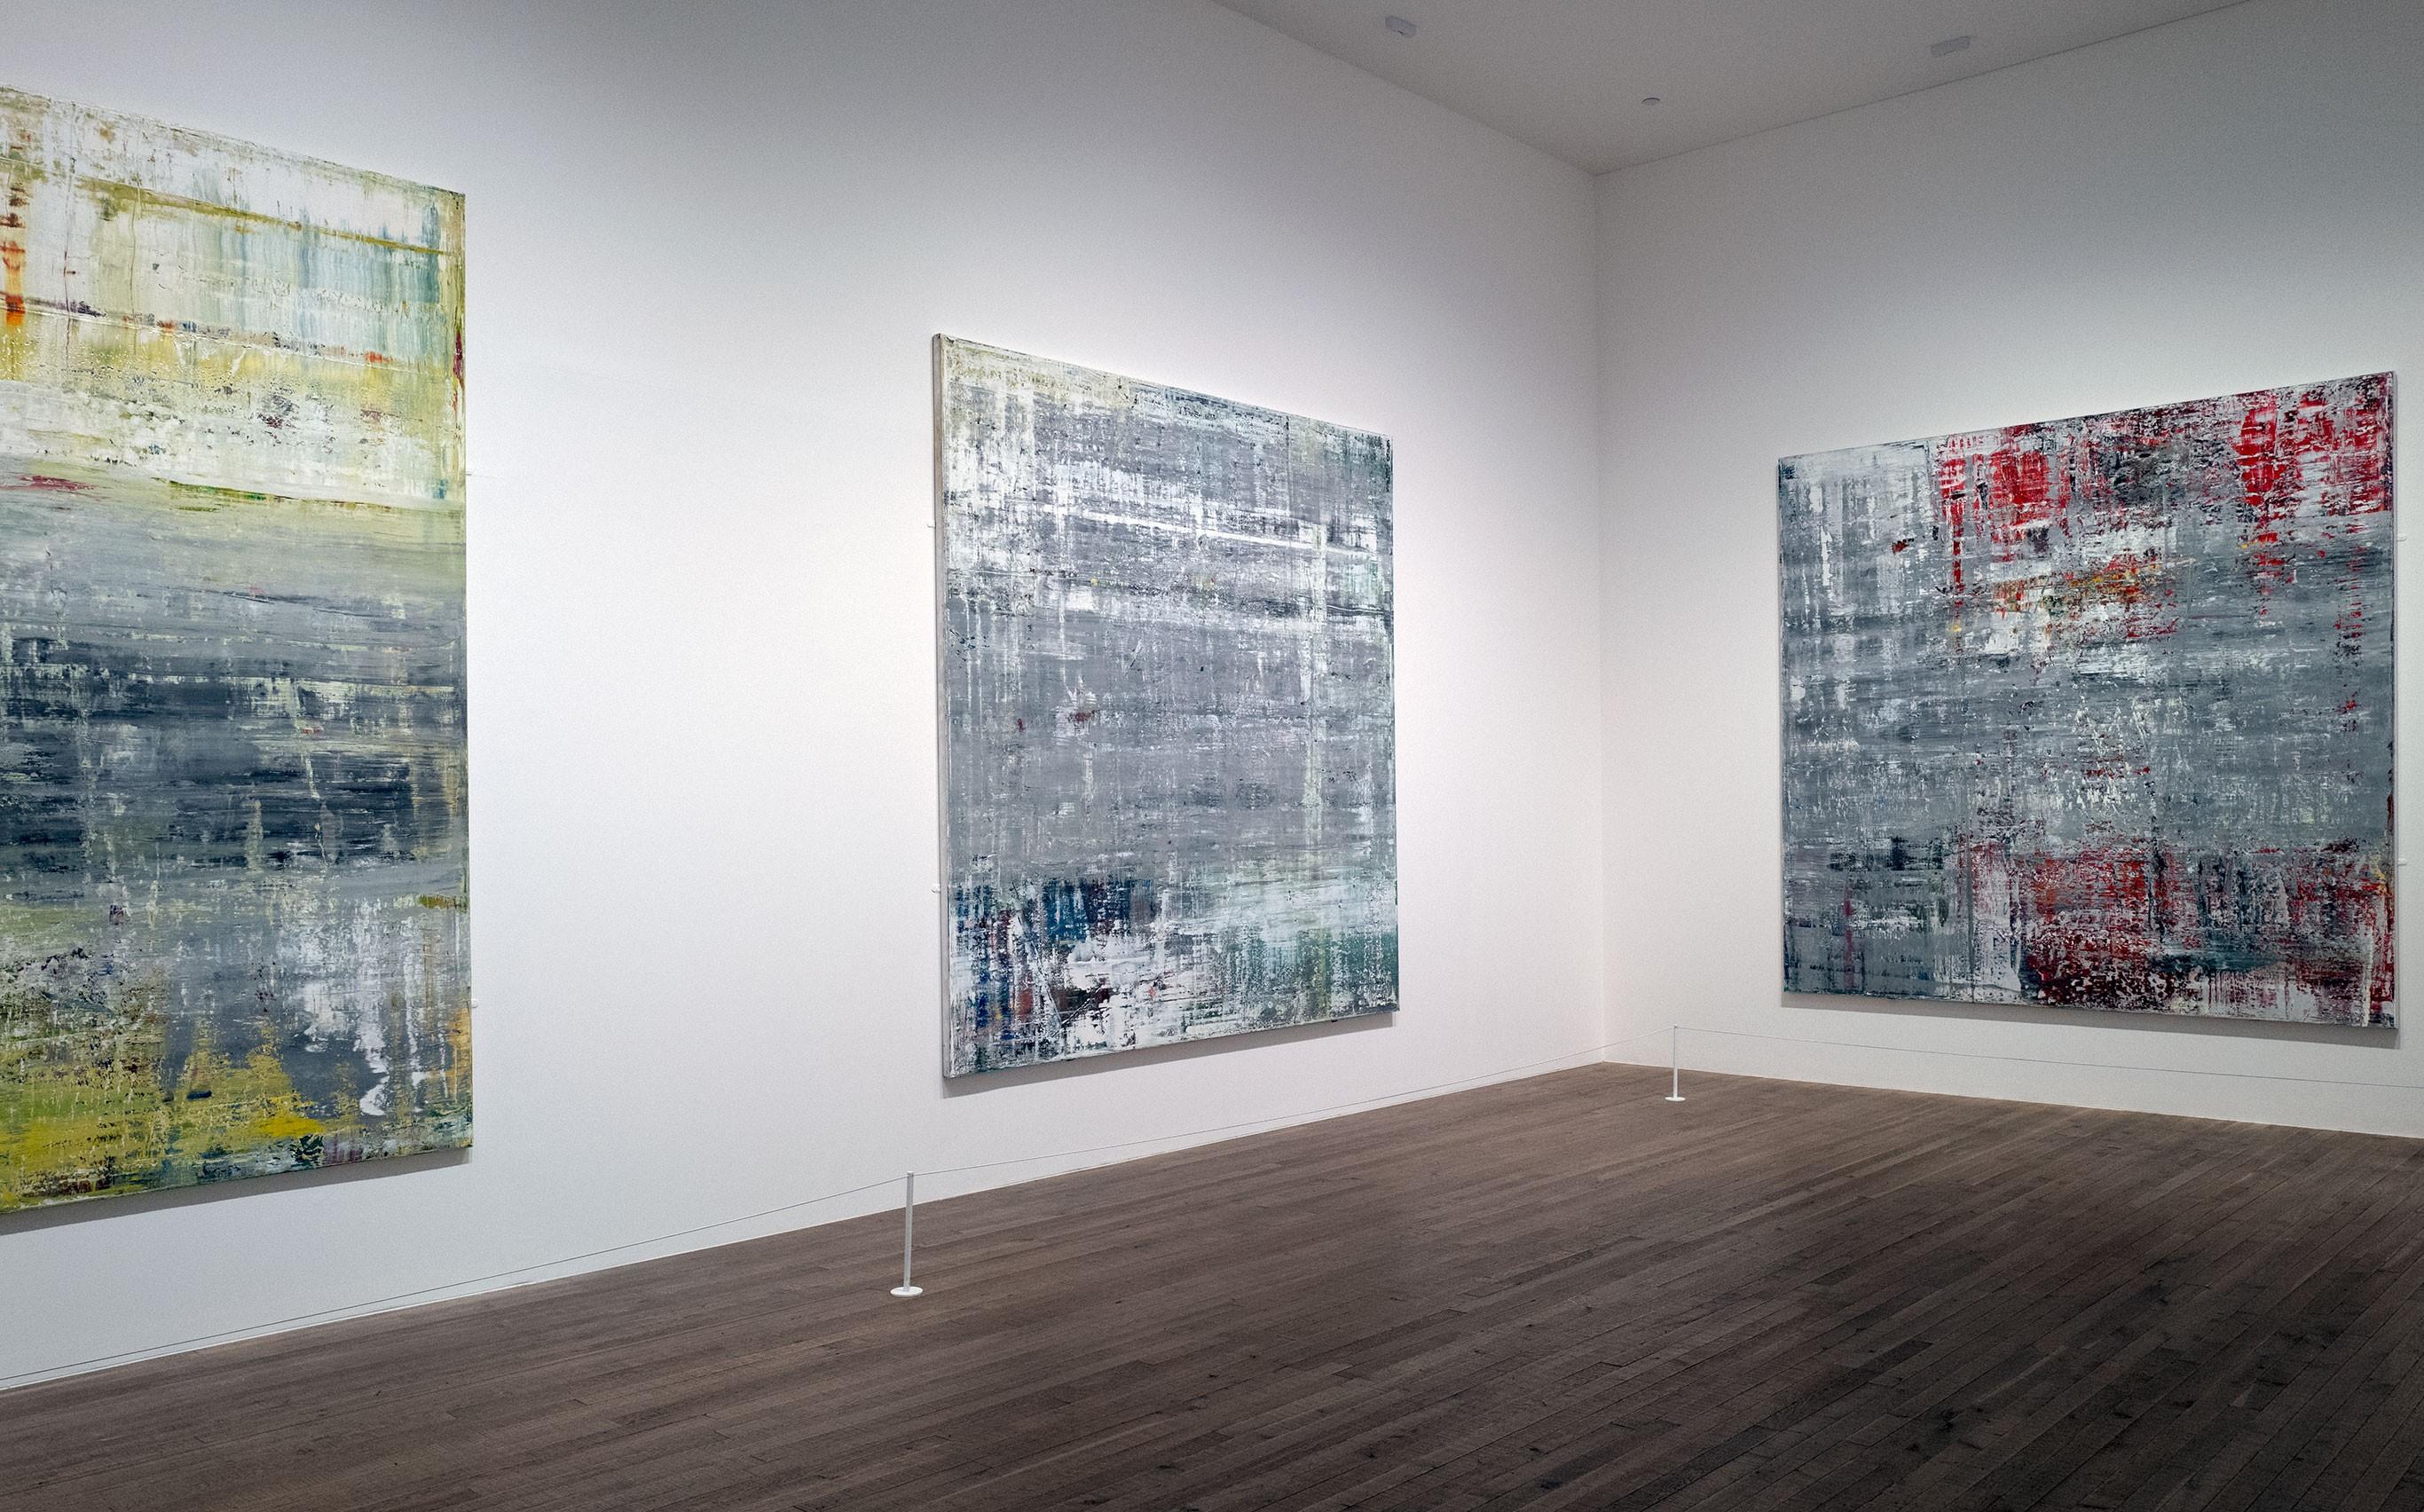 Gerhard Richter: Cage (1-6) 2006